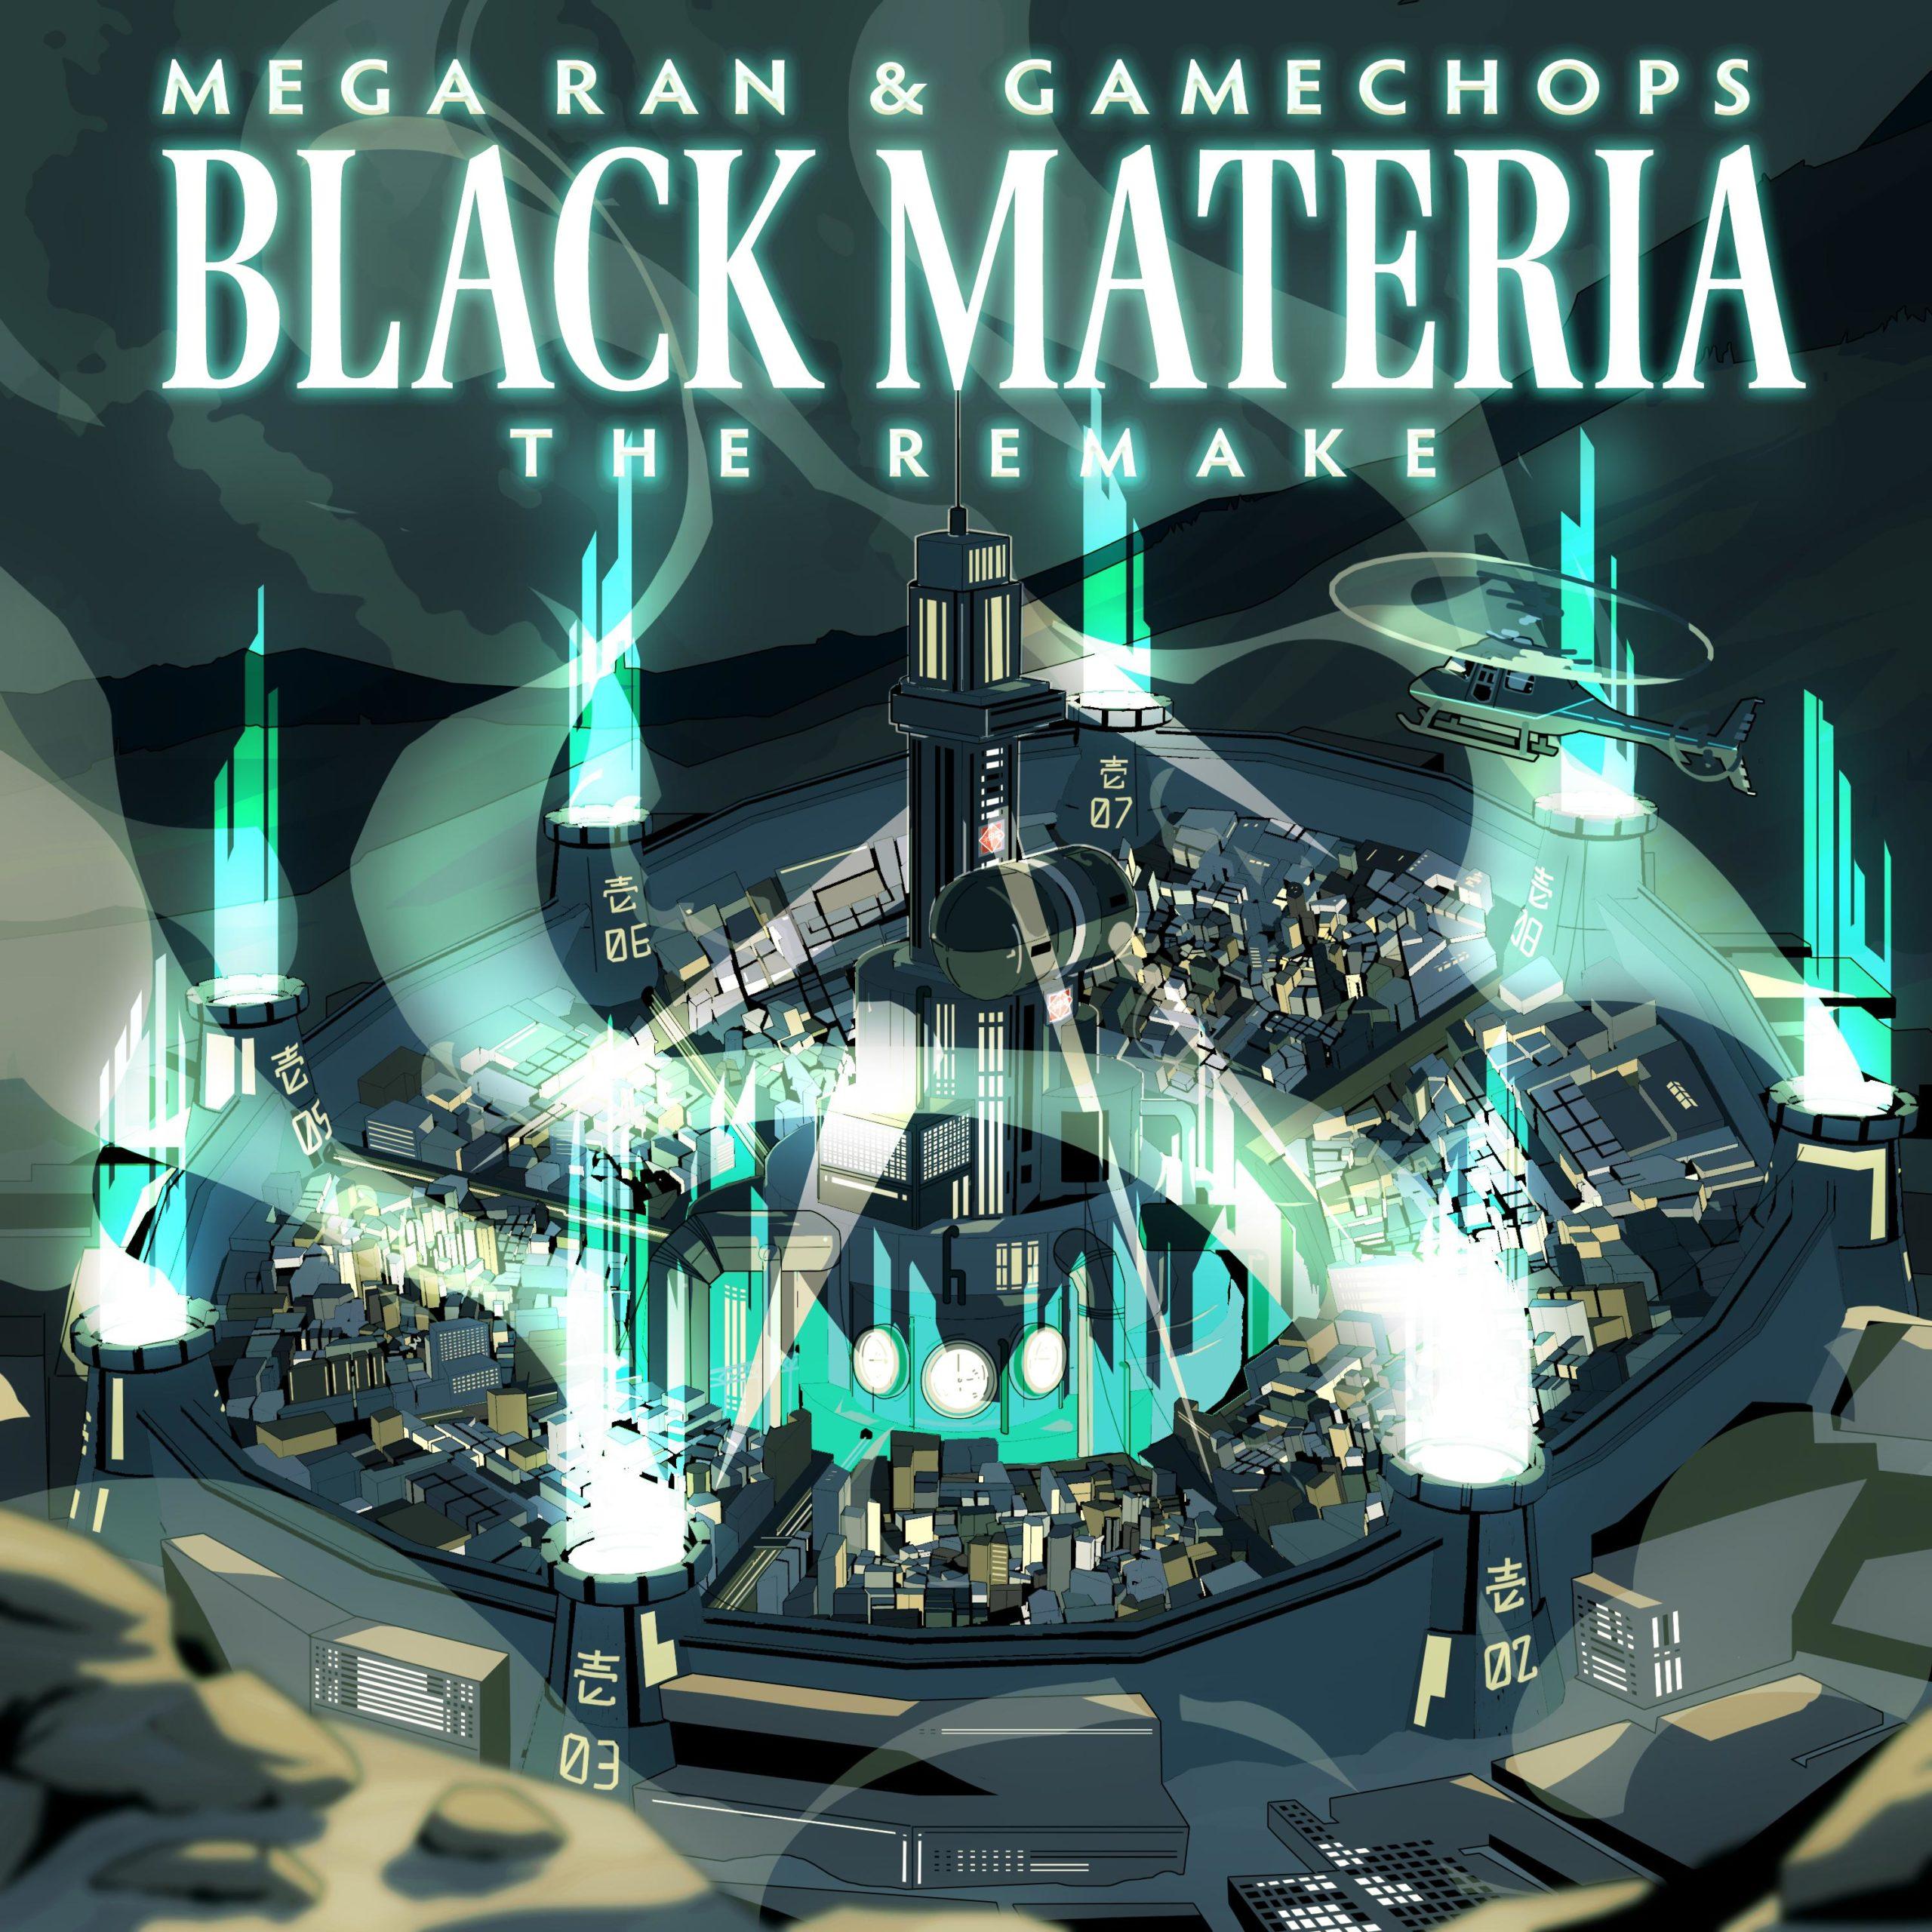 Black Materia: The Remake